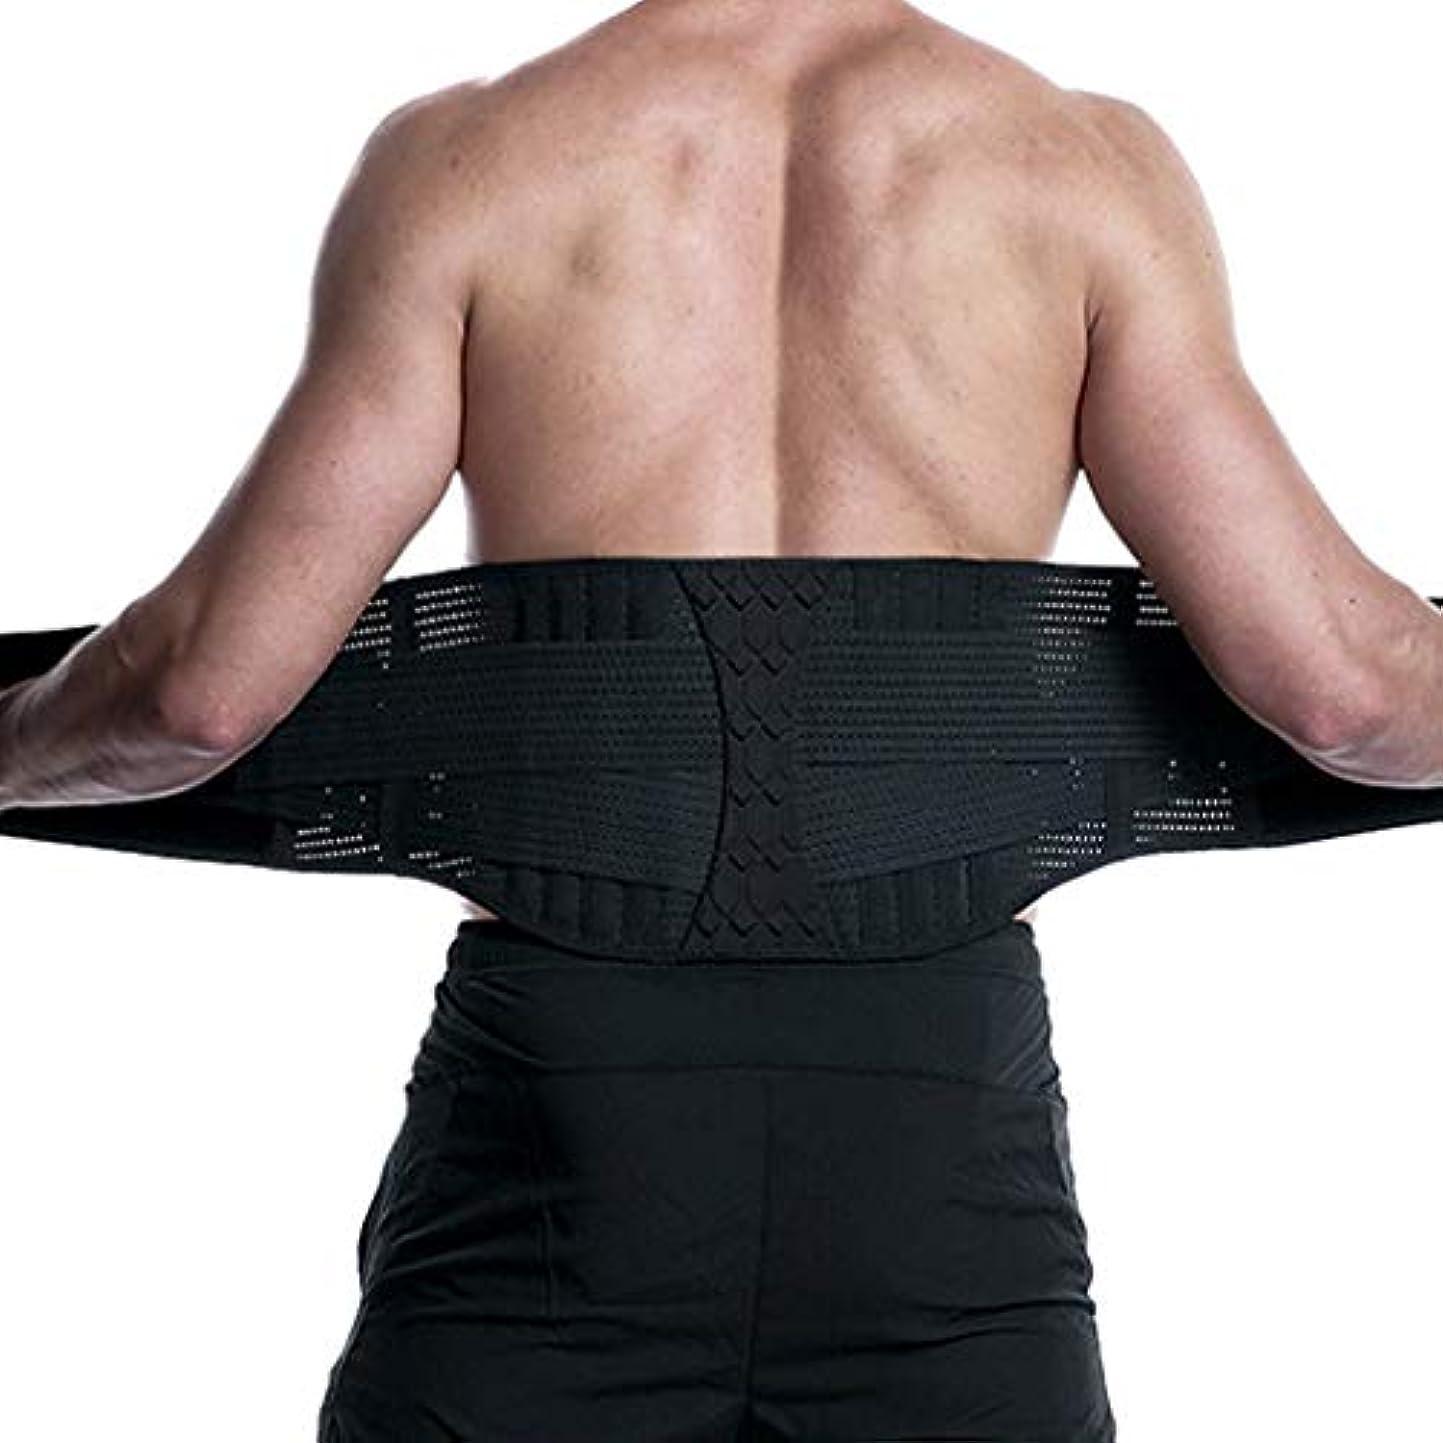 ウエストサポートベルト 腰サポーター シェイプアップベルト トレーニング スポーツ用 腰痛ベルト コルセット ぎっくり腰 腰椎固定 姿勢矯正 伸縮性 通気 二重ベルト 男女兼用 (M)